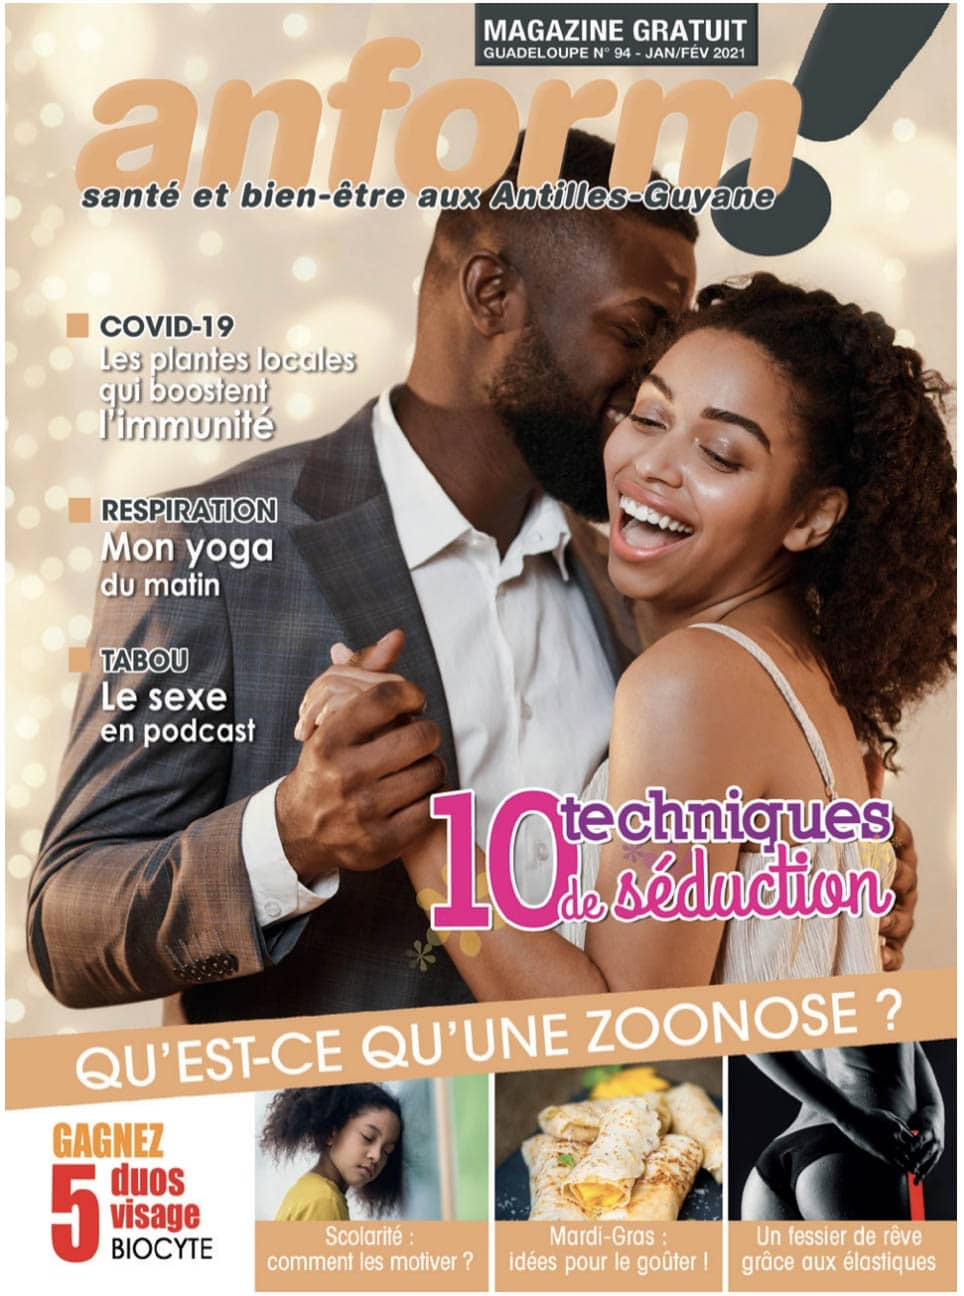 anform magazine santé bien-être couverture 94